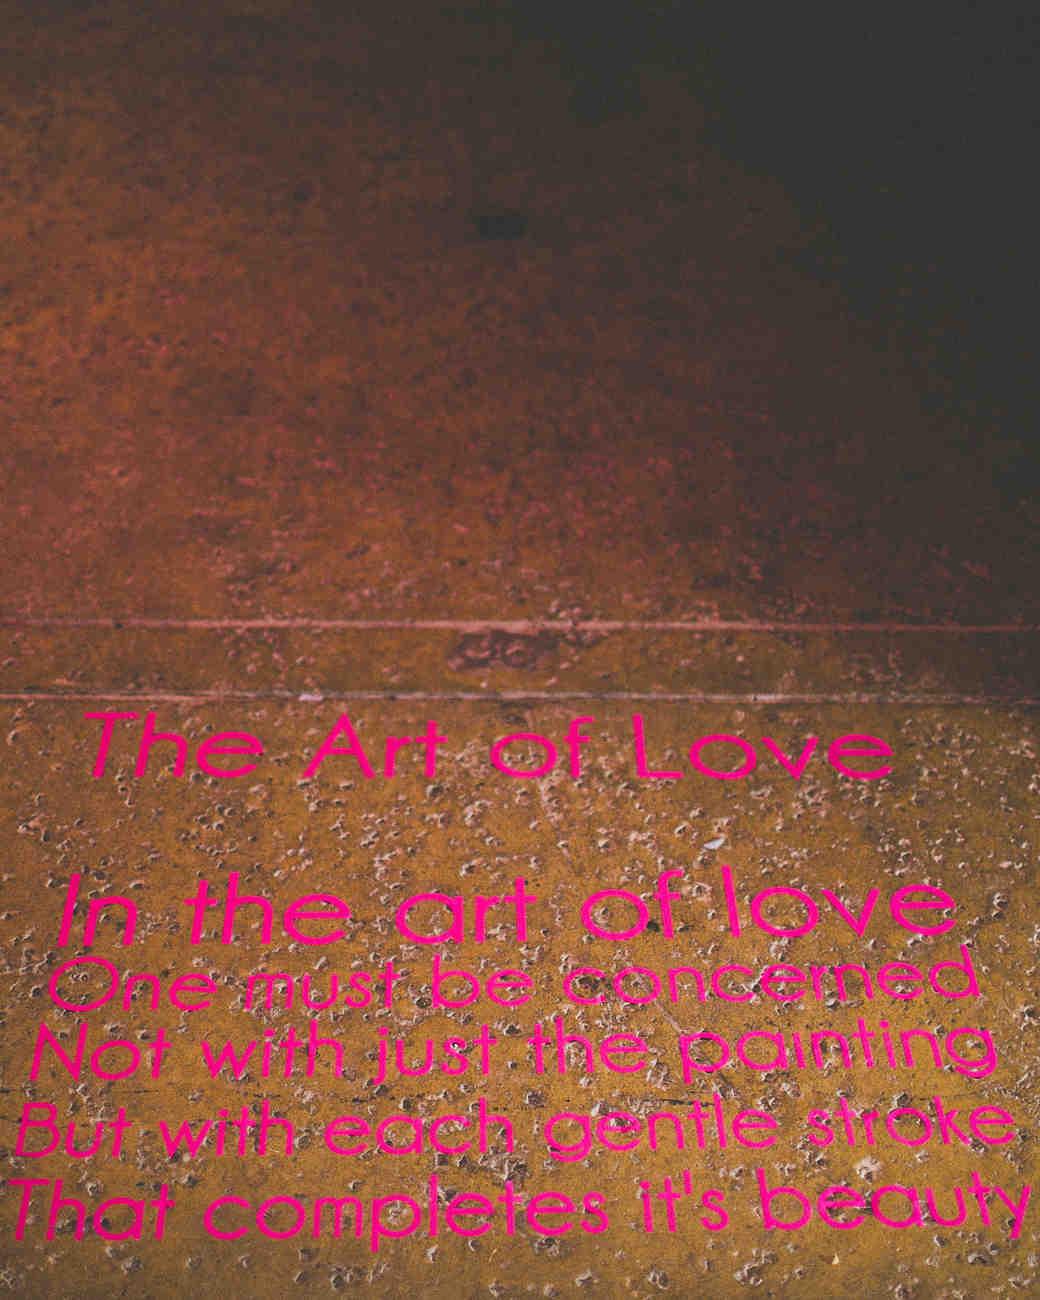 tera-wesley-rw0813-0699.jpg